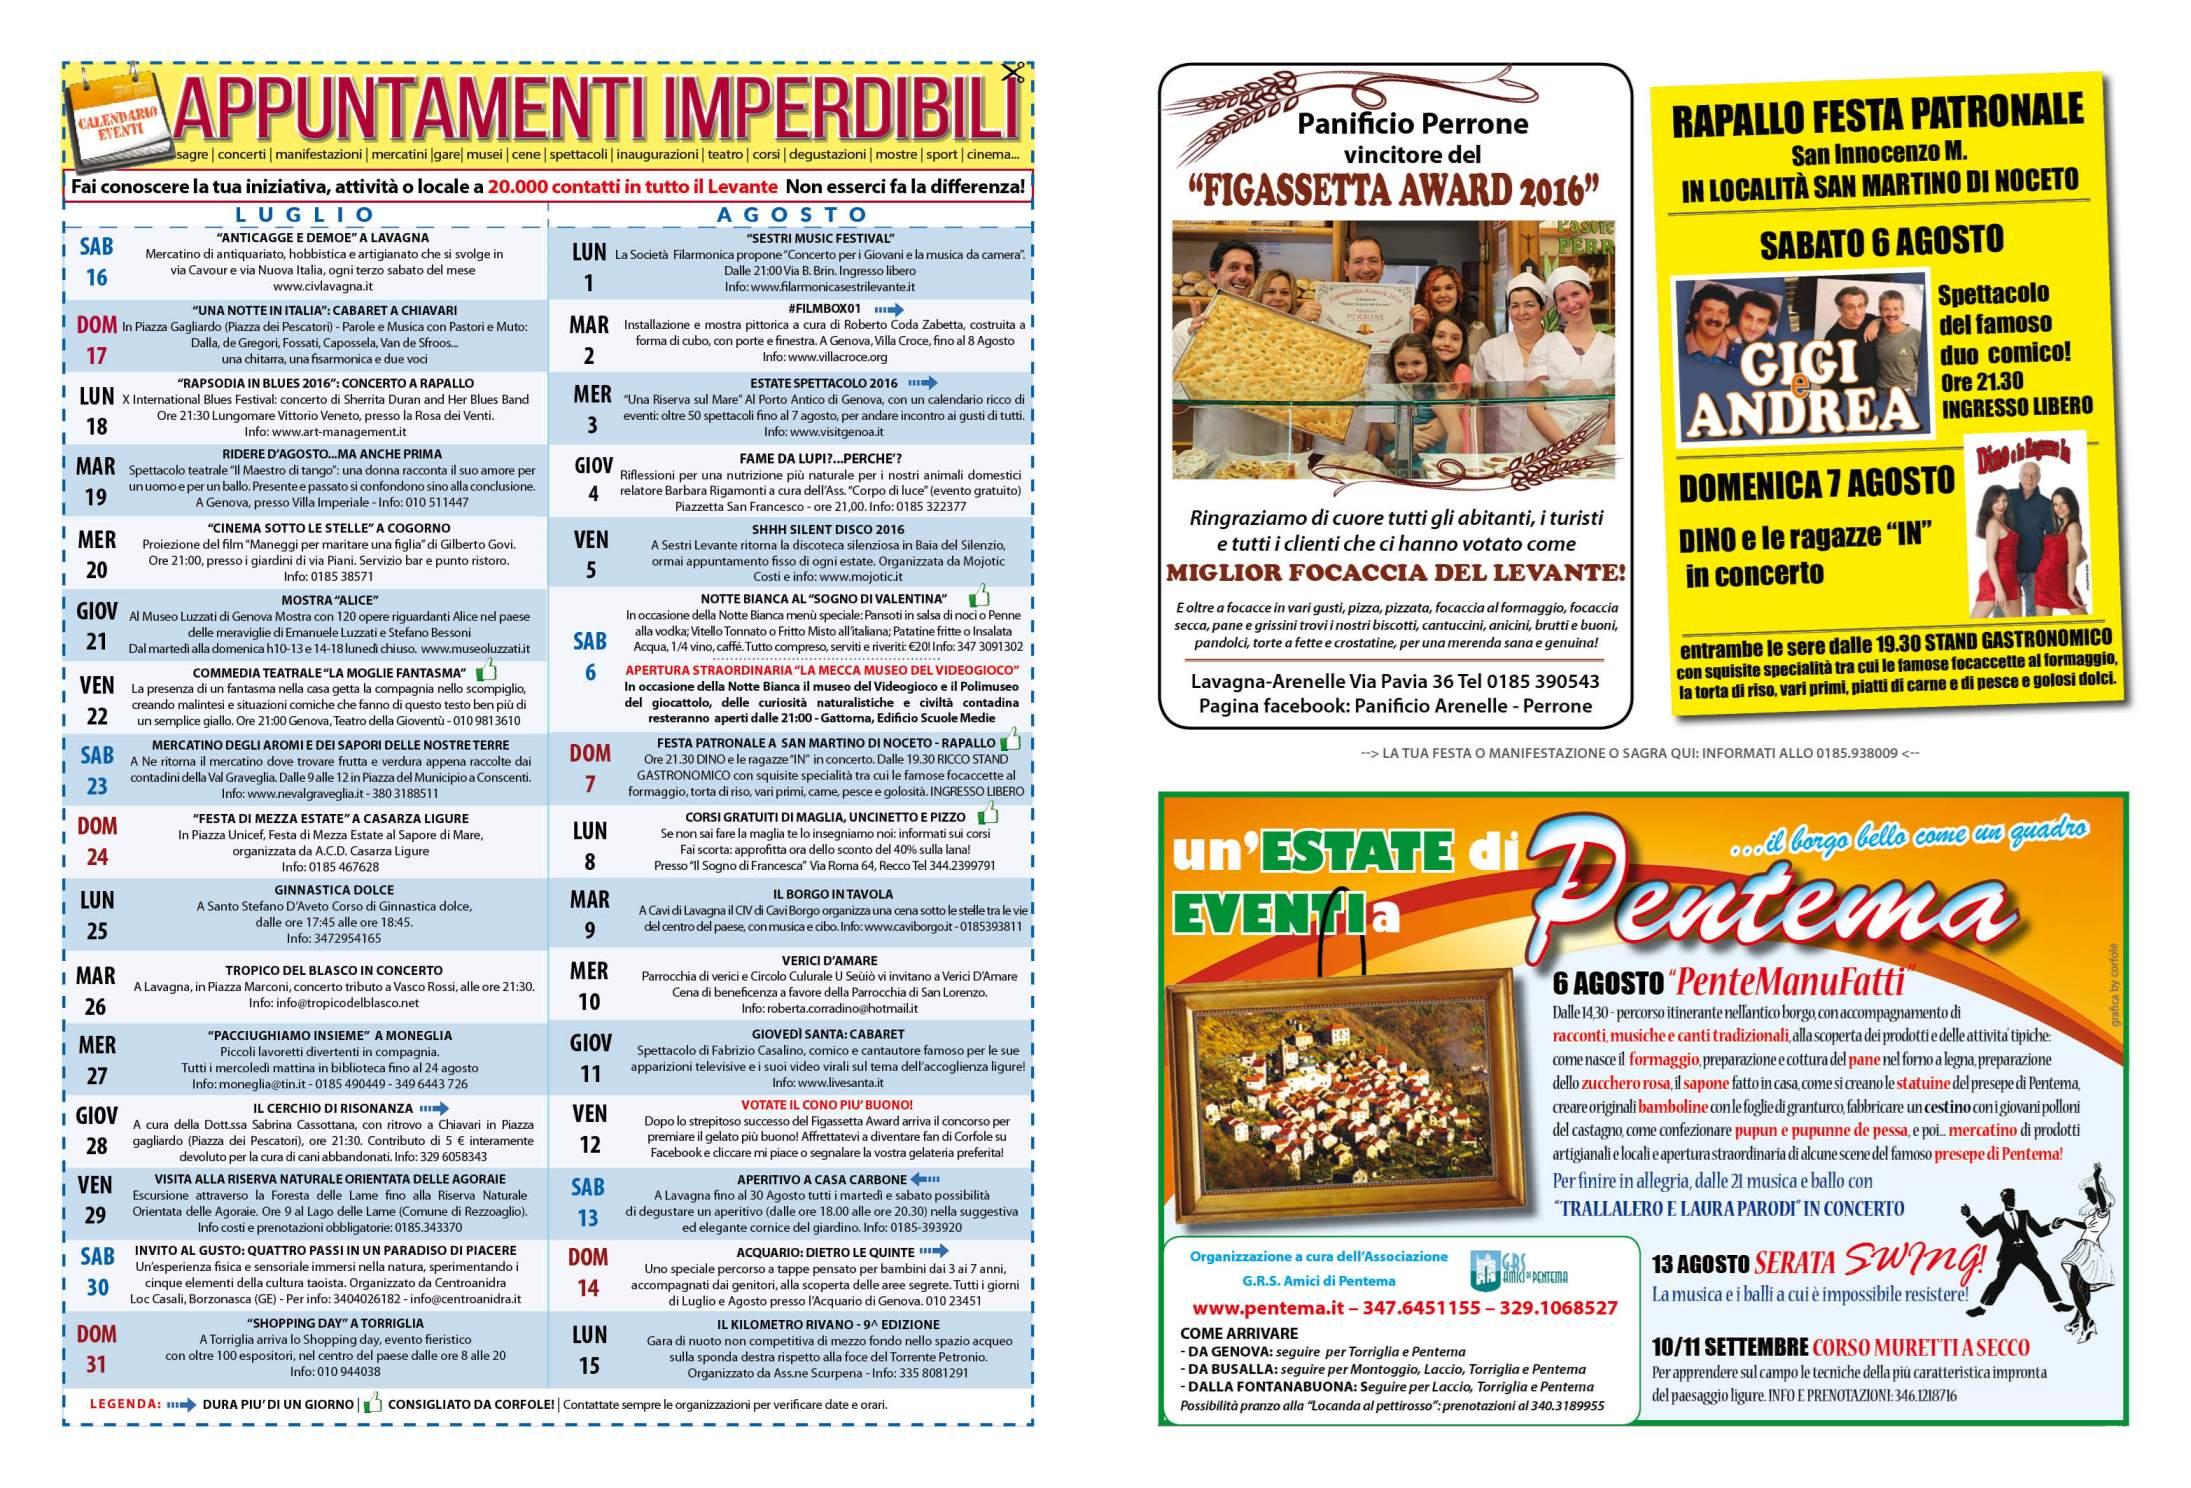 LUGLIO - AGOSTO - Il calendario degli eventi imperdibili del Levante e non solo! Sagre, mercatini, concerti, spettacoli, teatro, mostre, corsi e molto altro